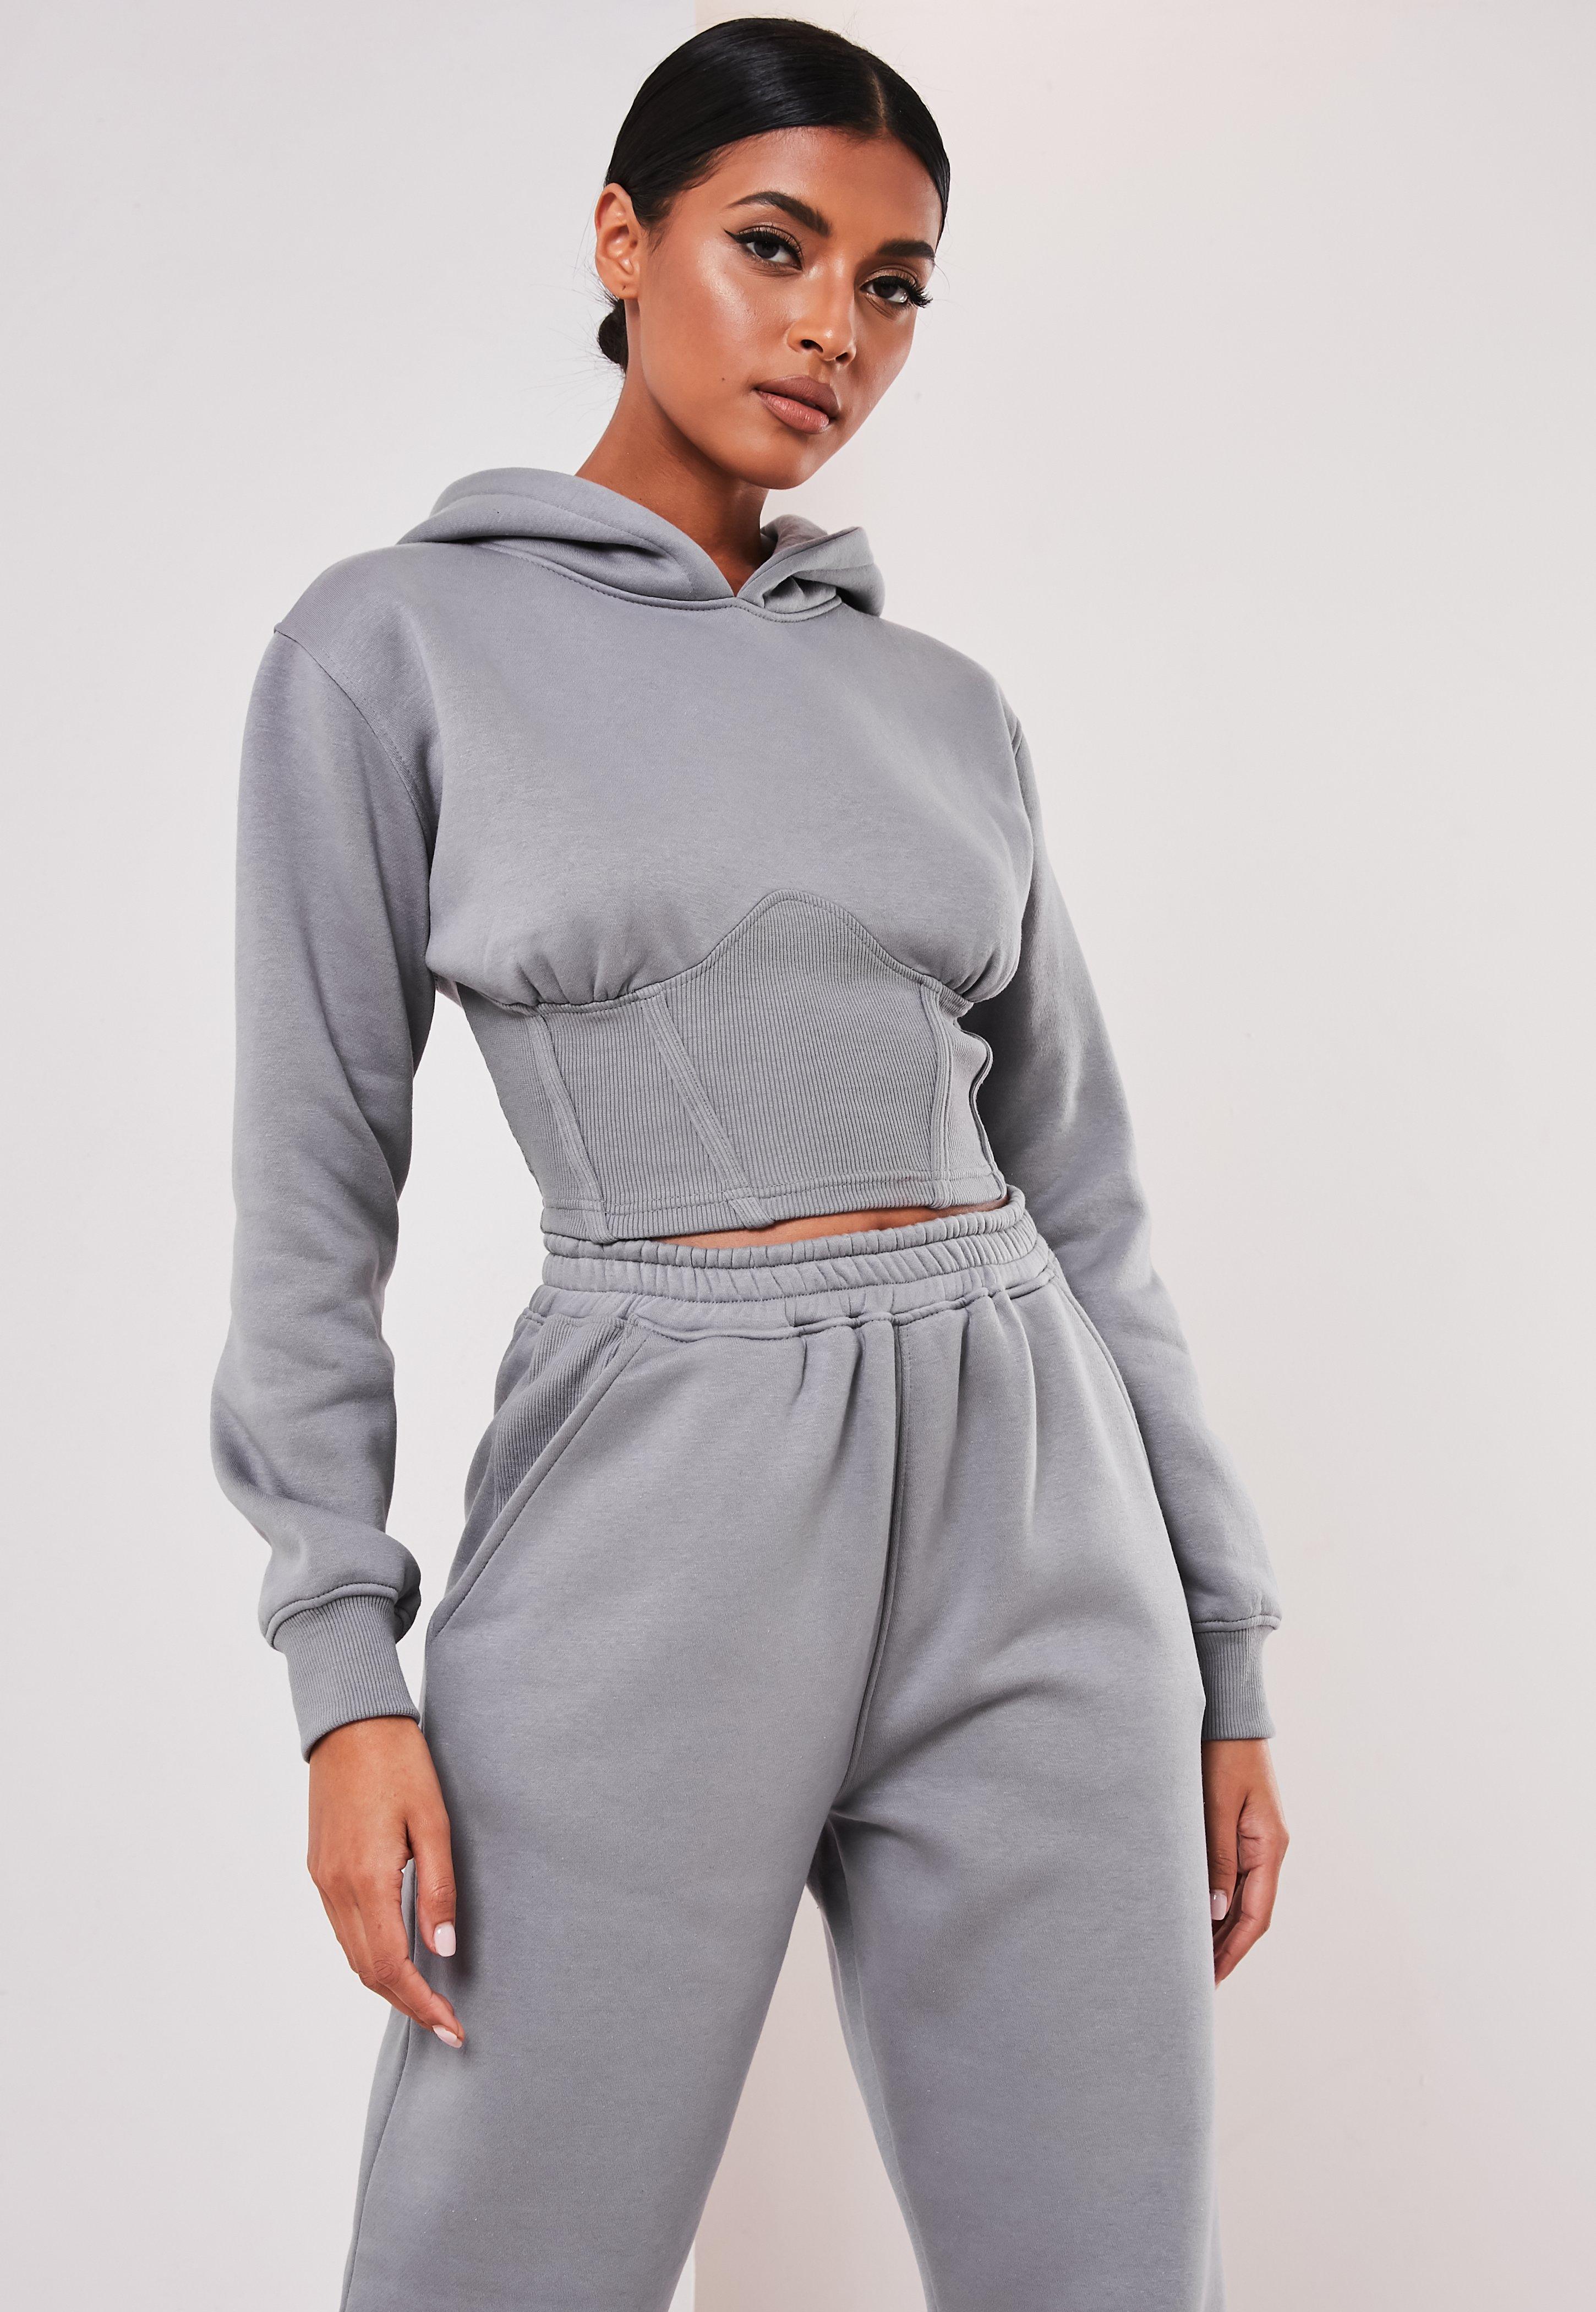 Sofia Richie x Missguided Sweat à capuche gris style corset